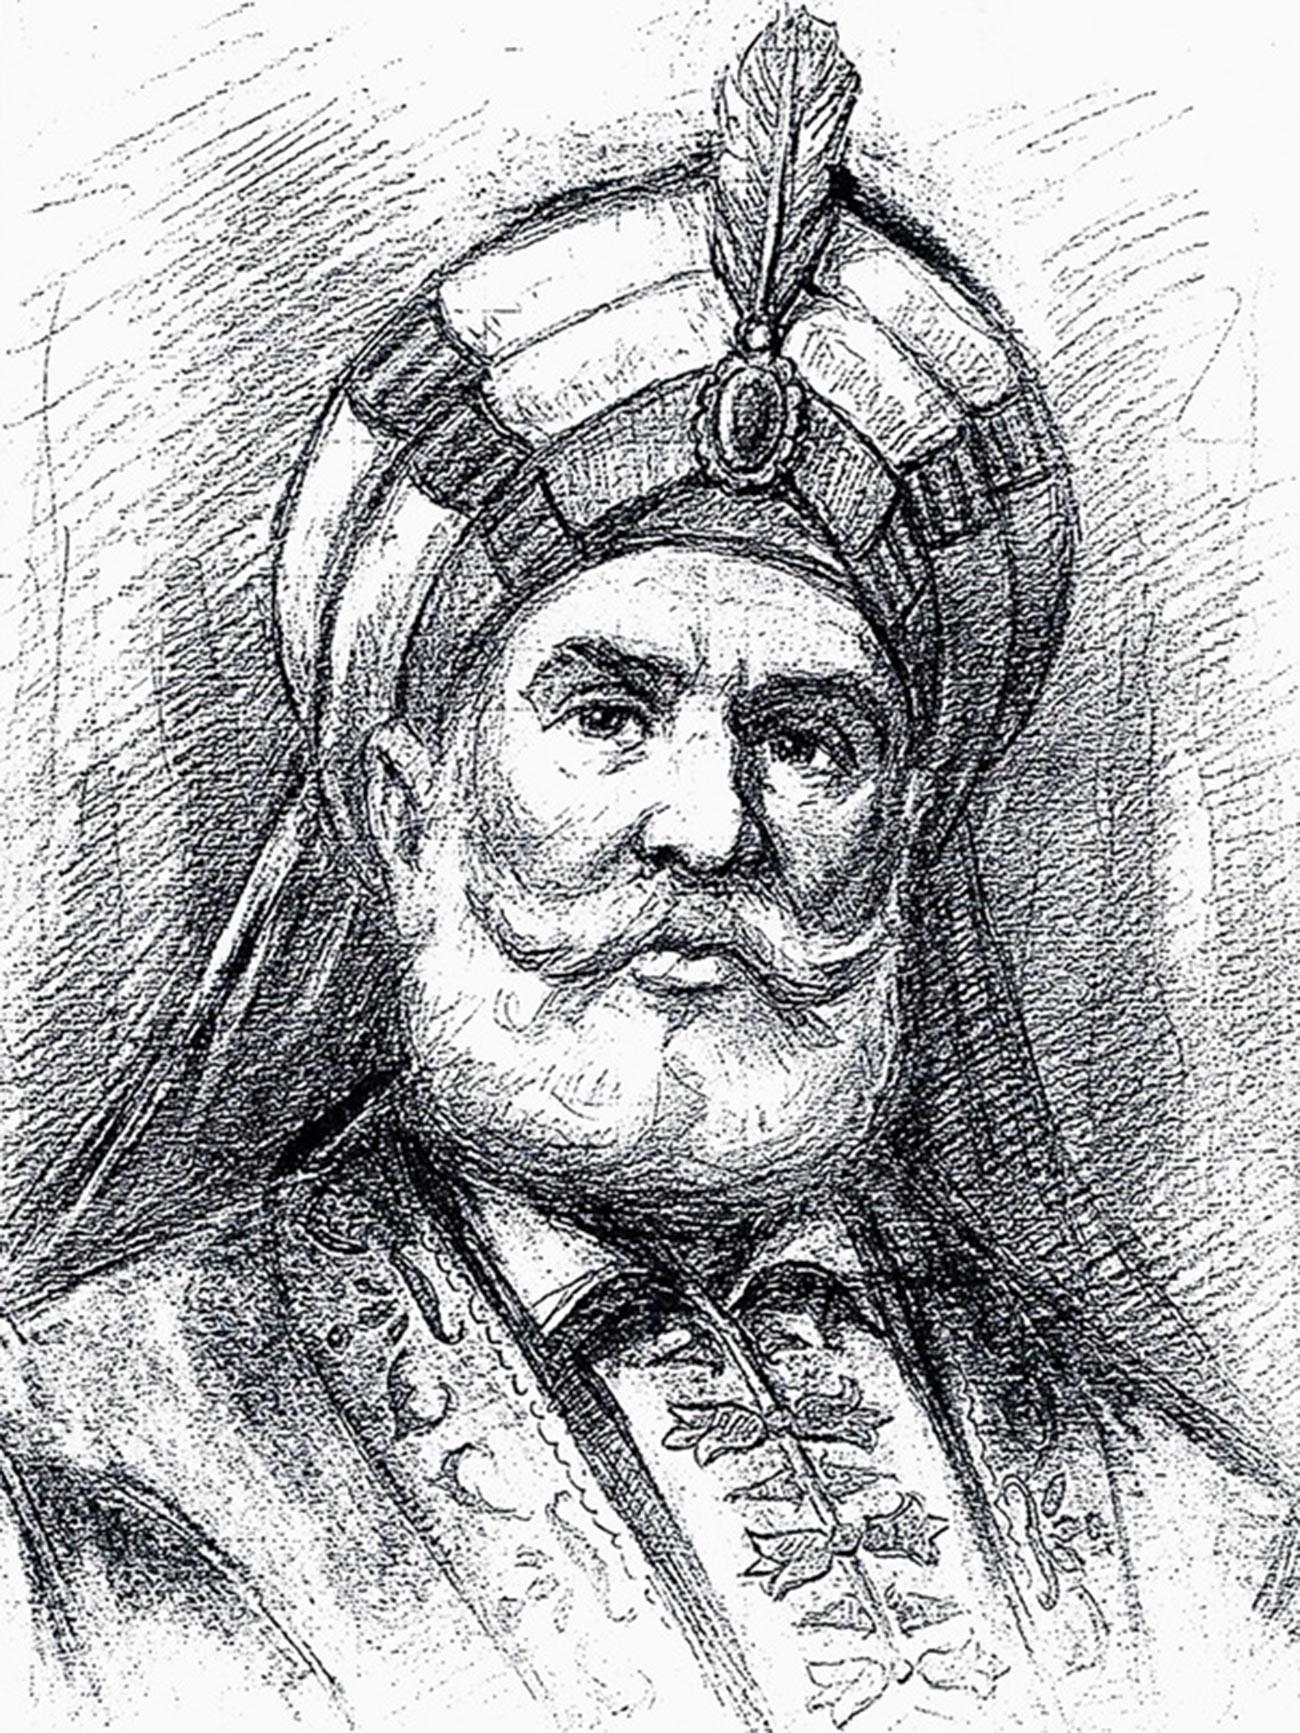 Шейх Захир аль-Умар аз-Зейдани.